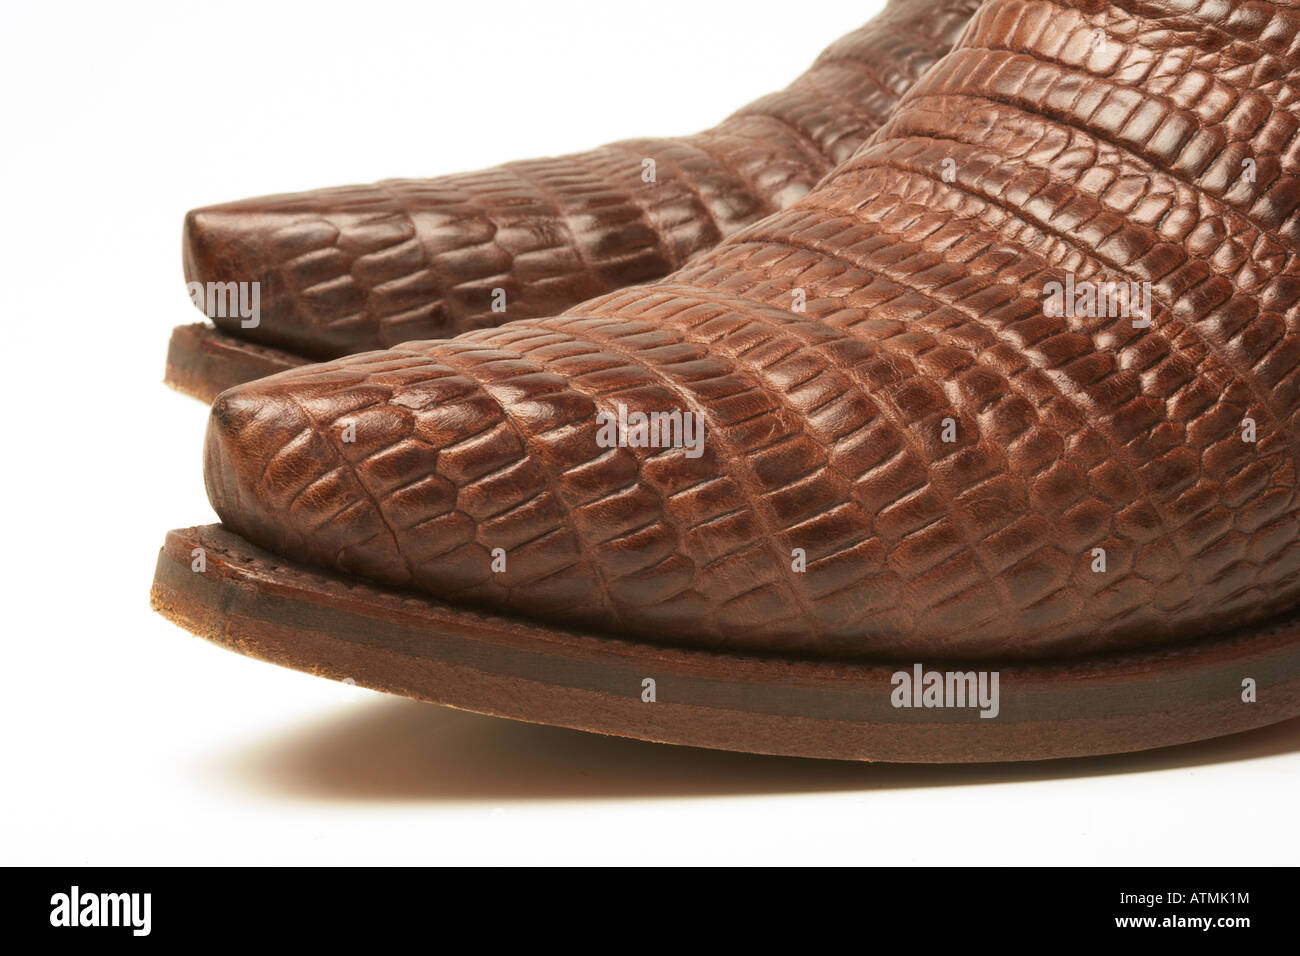 157fe09424d Snakeskin Cowboy Boots Stock Photos & Snakeskin Cowboy Boots Stock ...